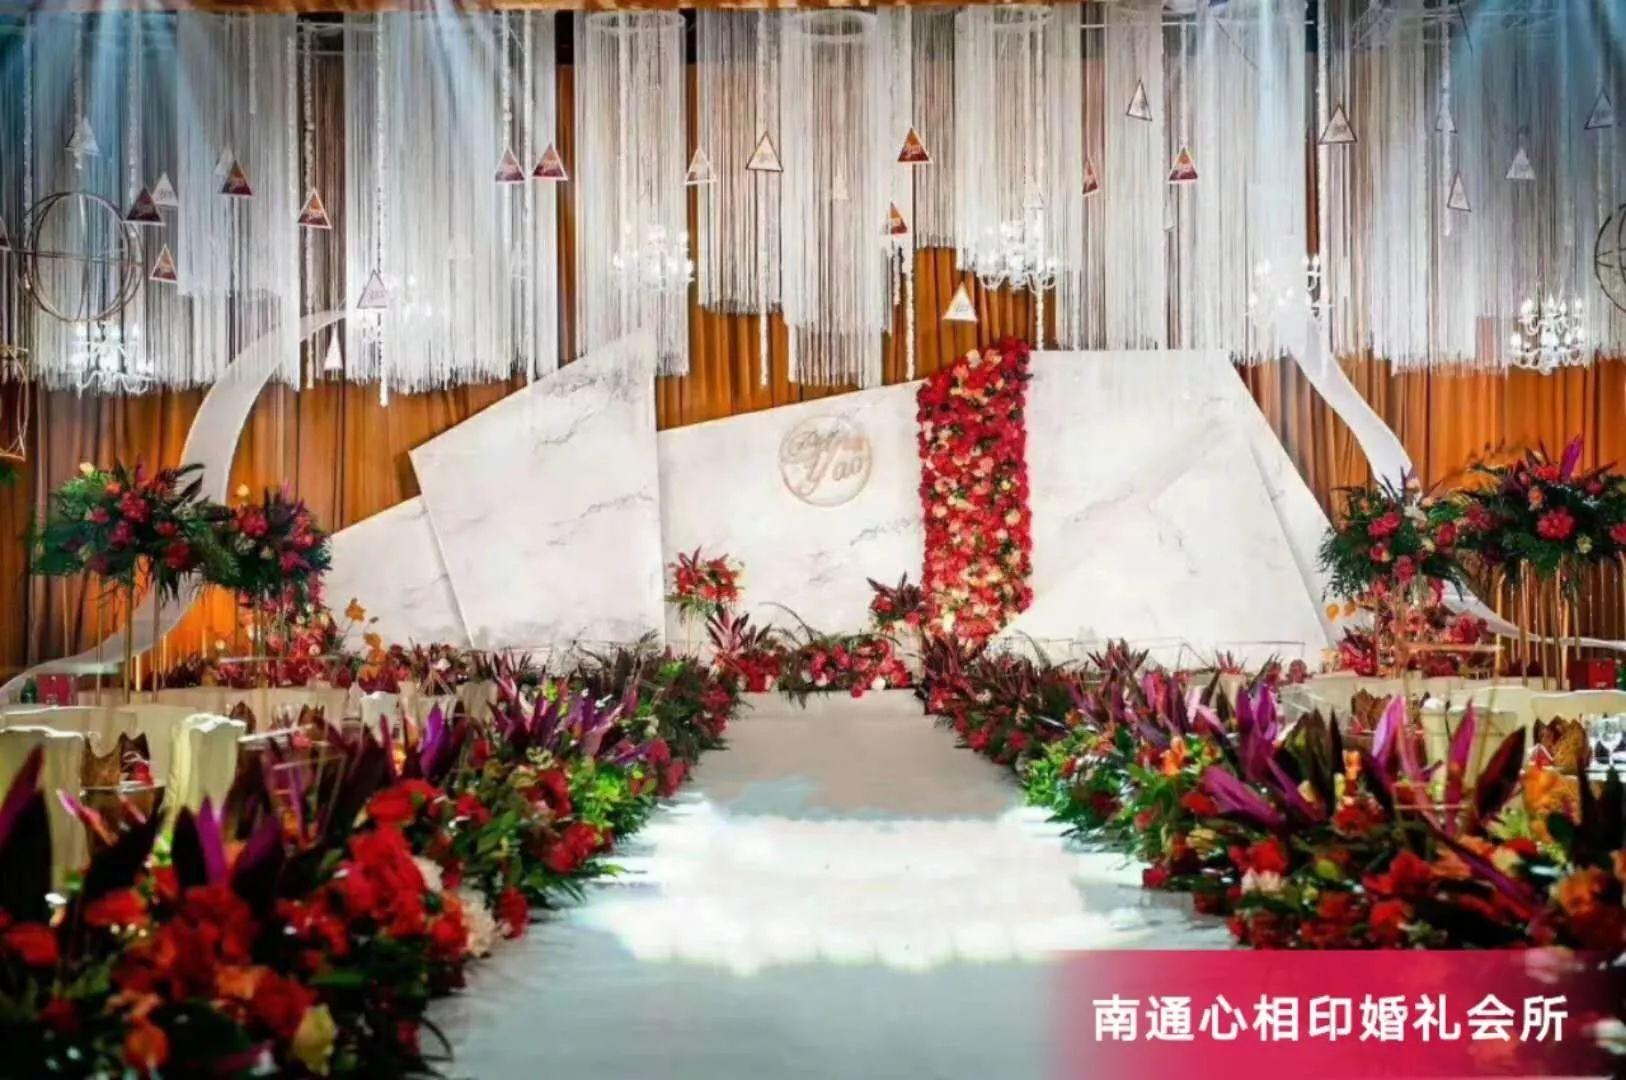 南通心相印婚礼会所 您身边的婚礼定制专家